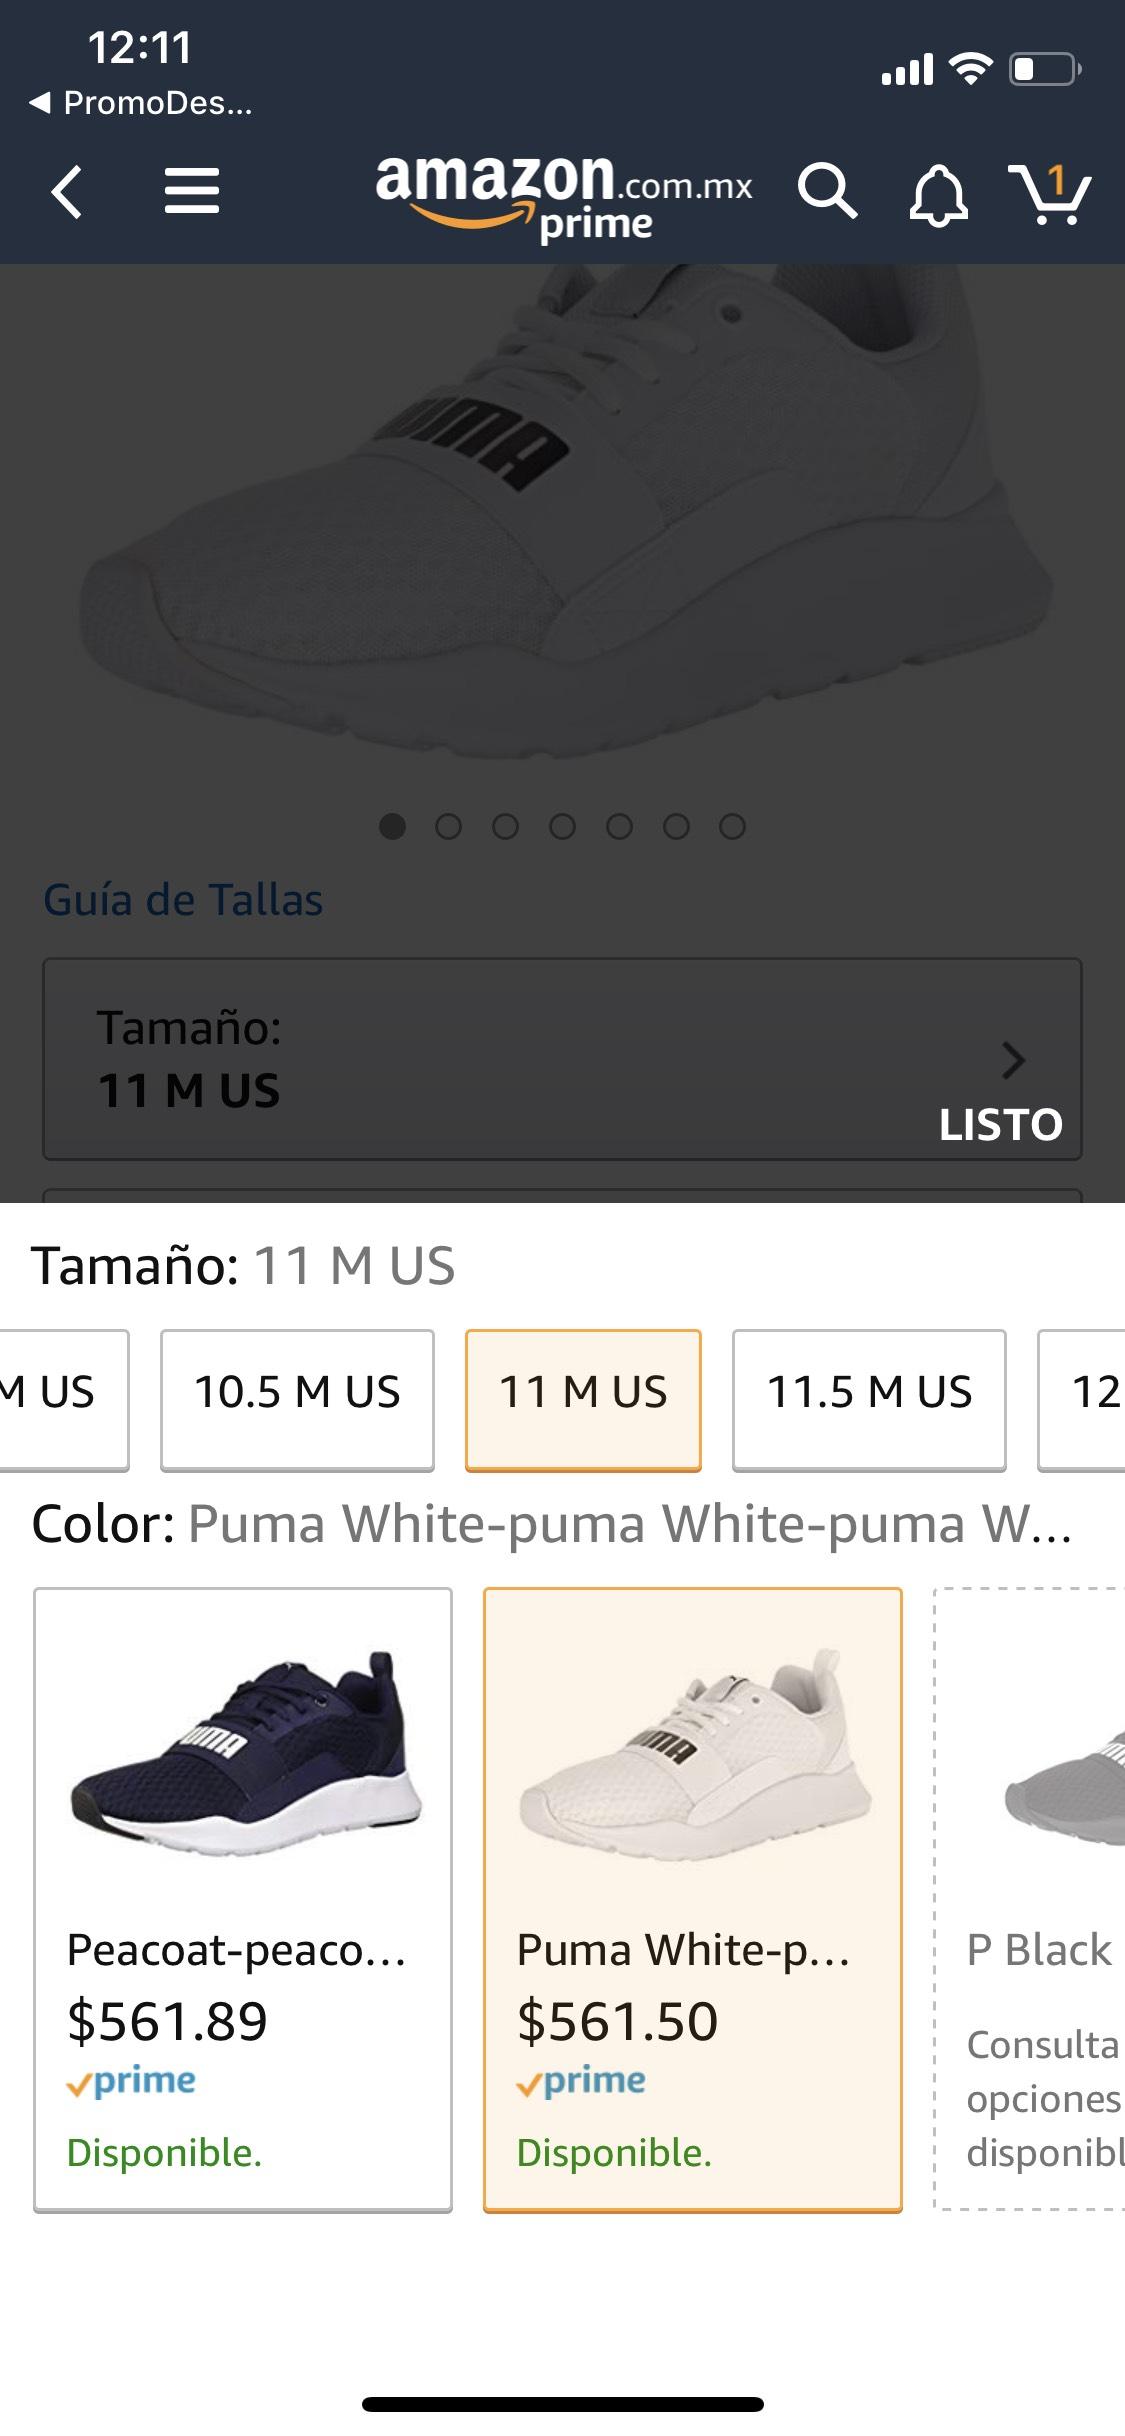 Amazon: Tenis Puma Blanco y Azul en talla 9mx